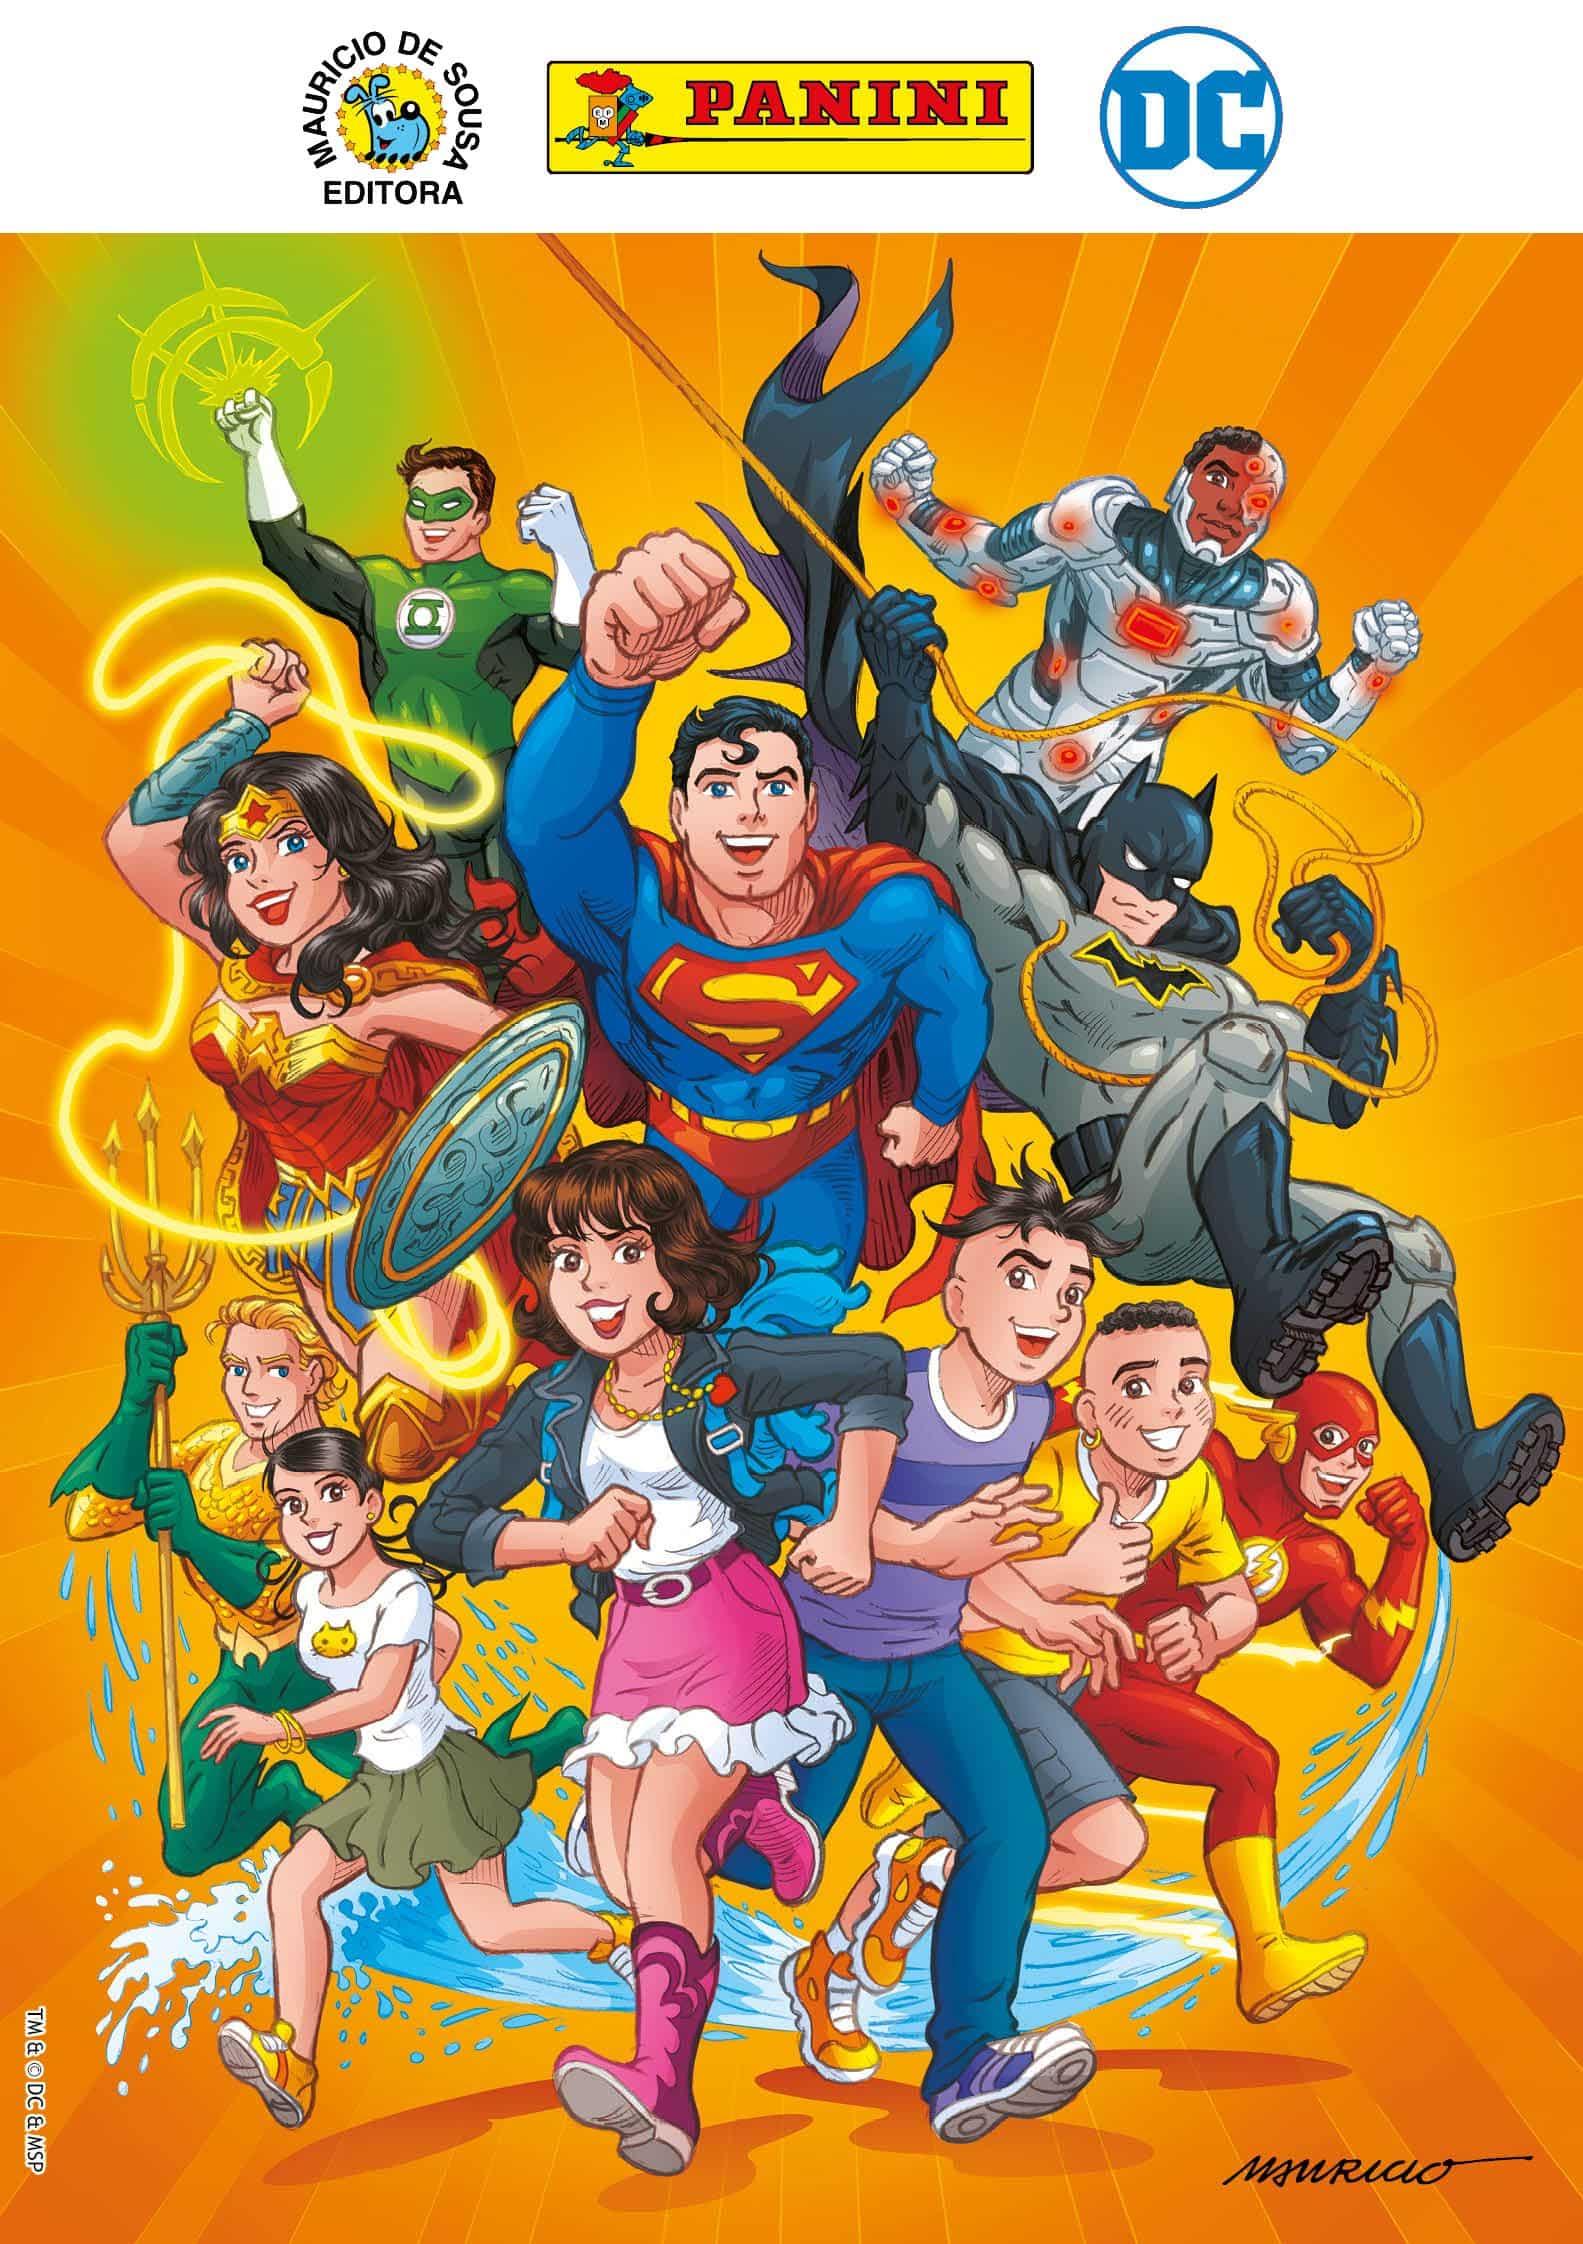 Após lançamento na CCXP, Panini lança na loja online publicações do crossover entre Turma da Mônica e Liga da Justiça